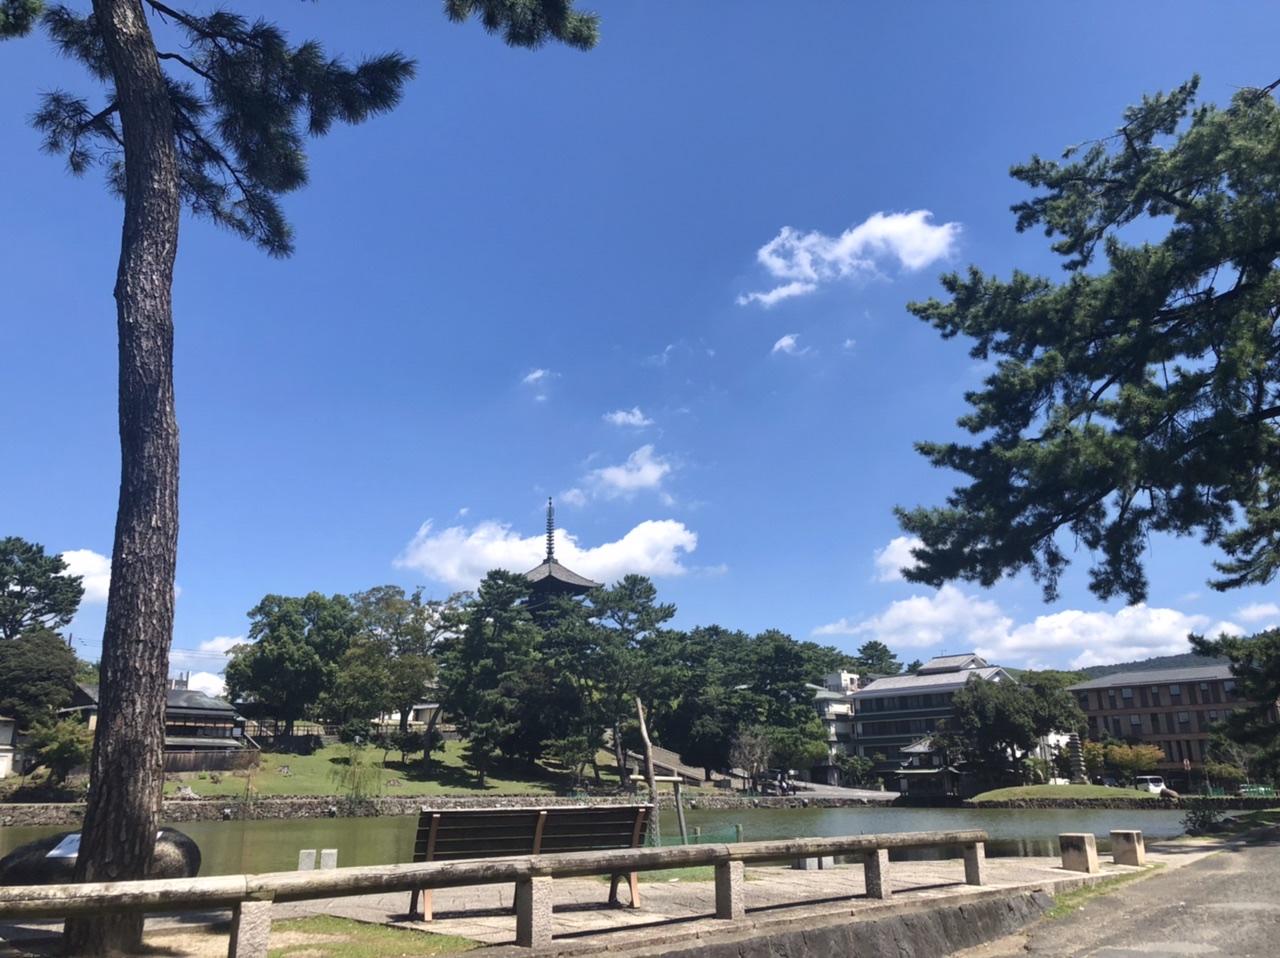 奈良市興福寺と猿沢池の写真